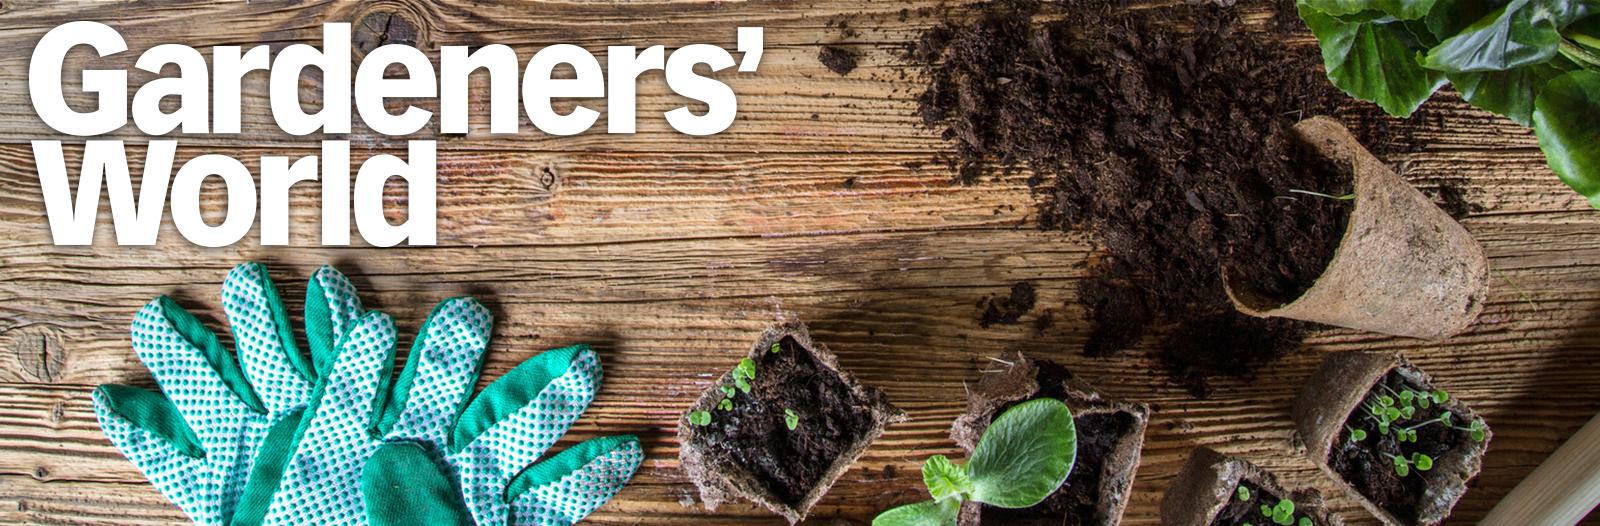 Gardeners' World nabestellen